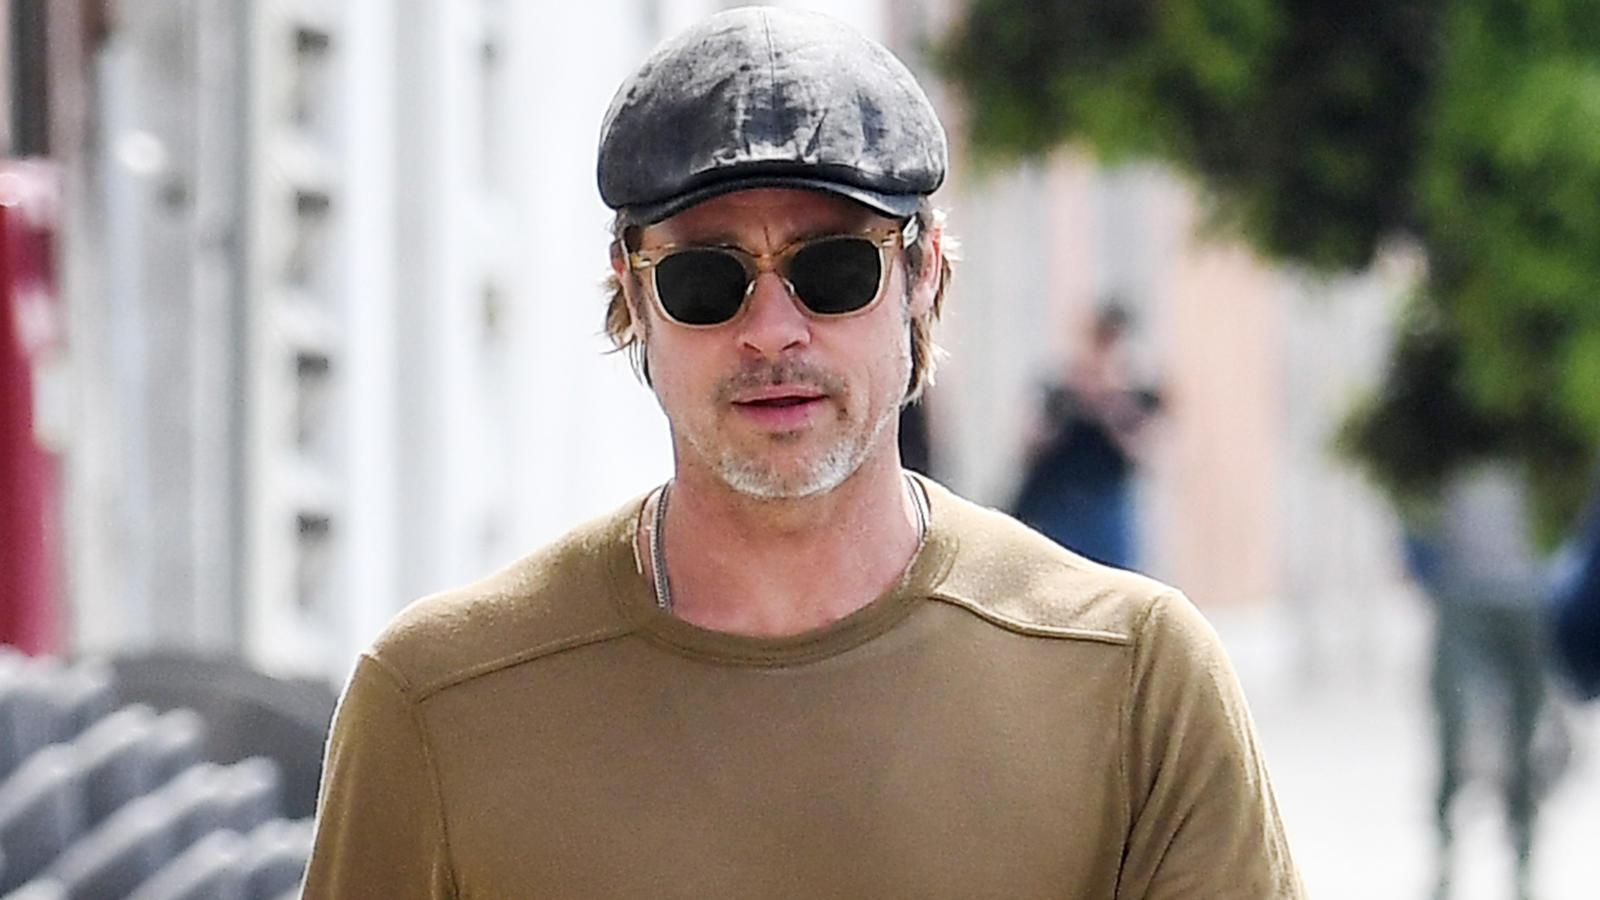 Kettenraucher Brad Pitts Raucht Zwei Schachteln Zigaretten